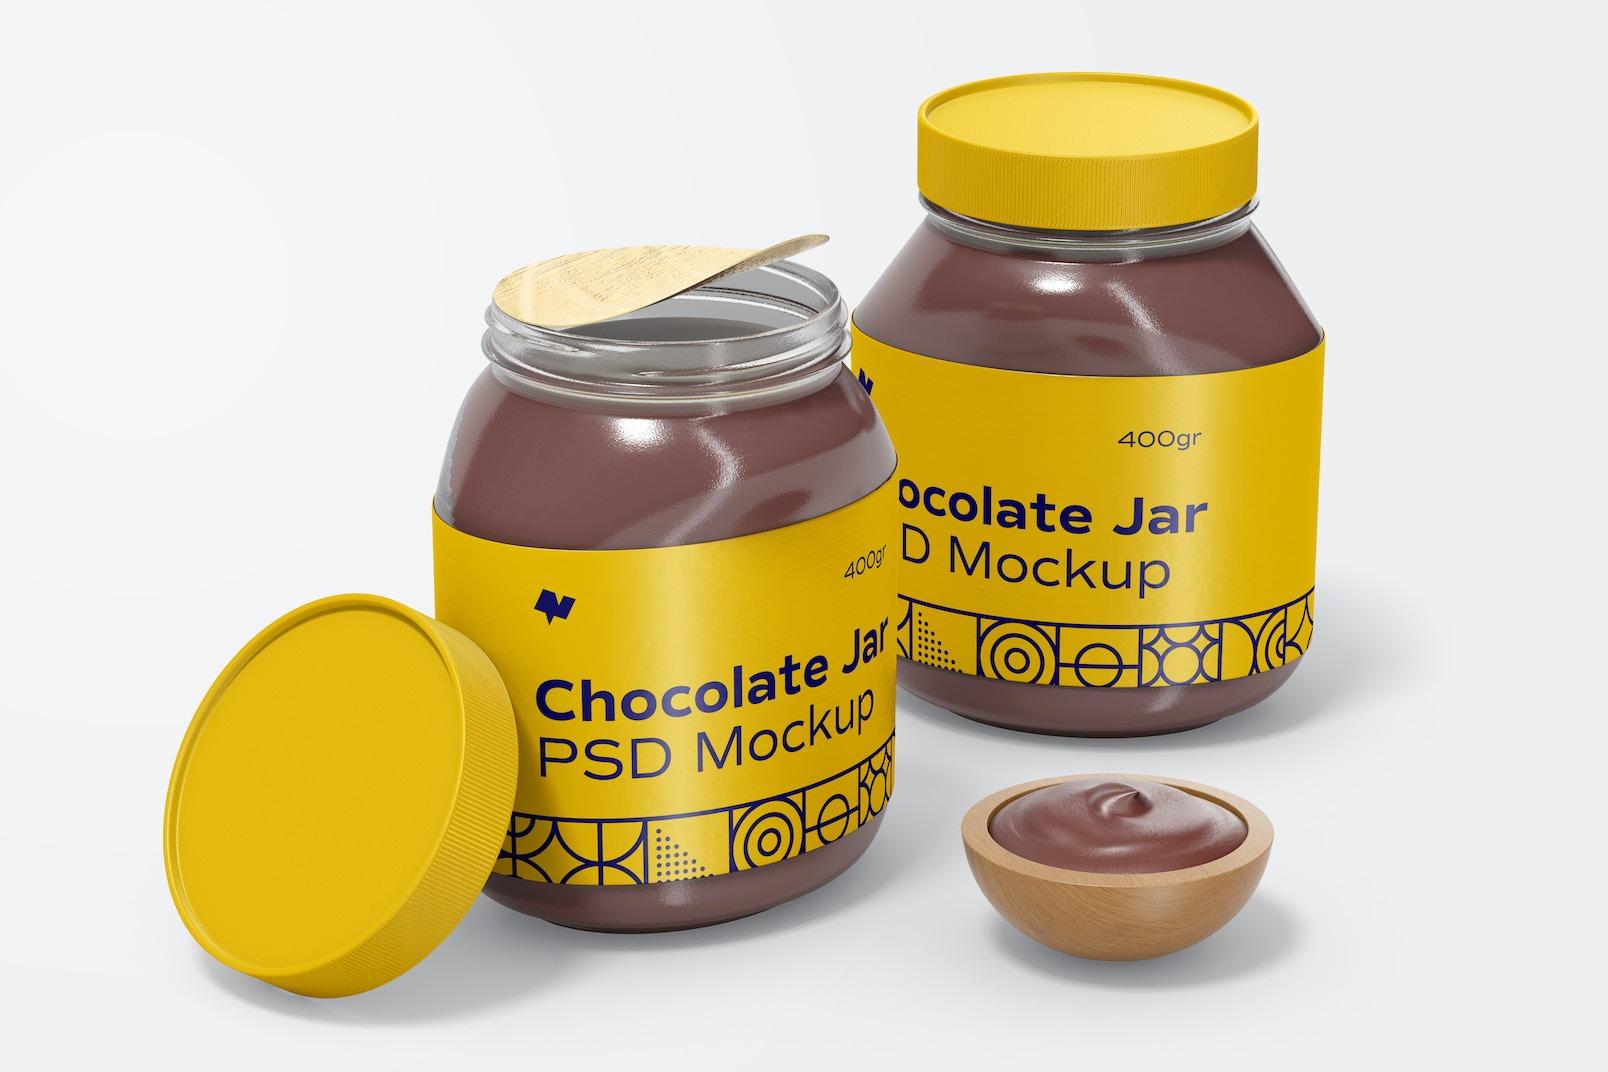 Chocolate Spread Jars Mockup